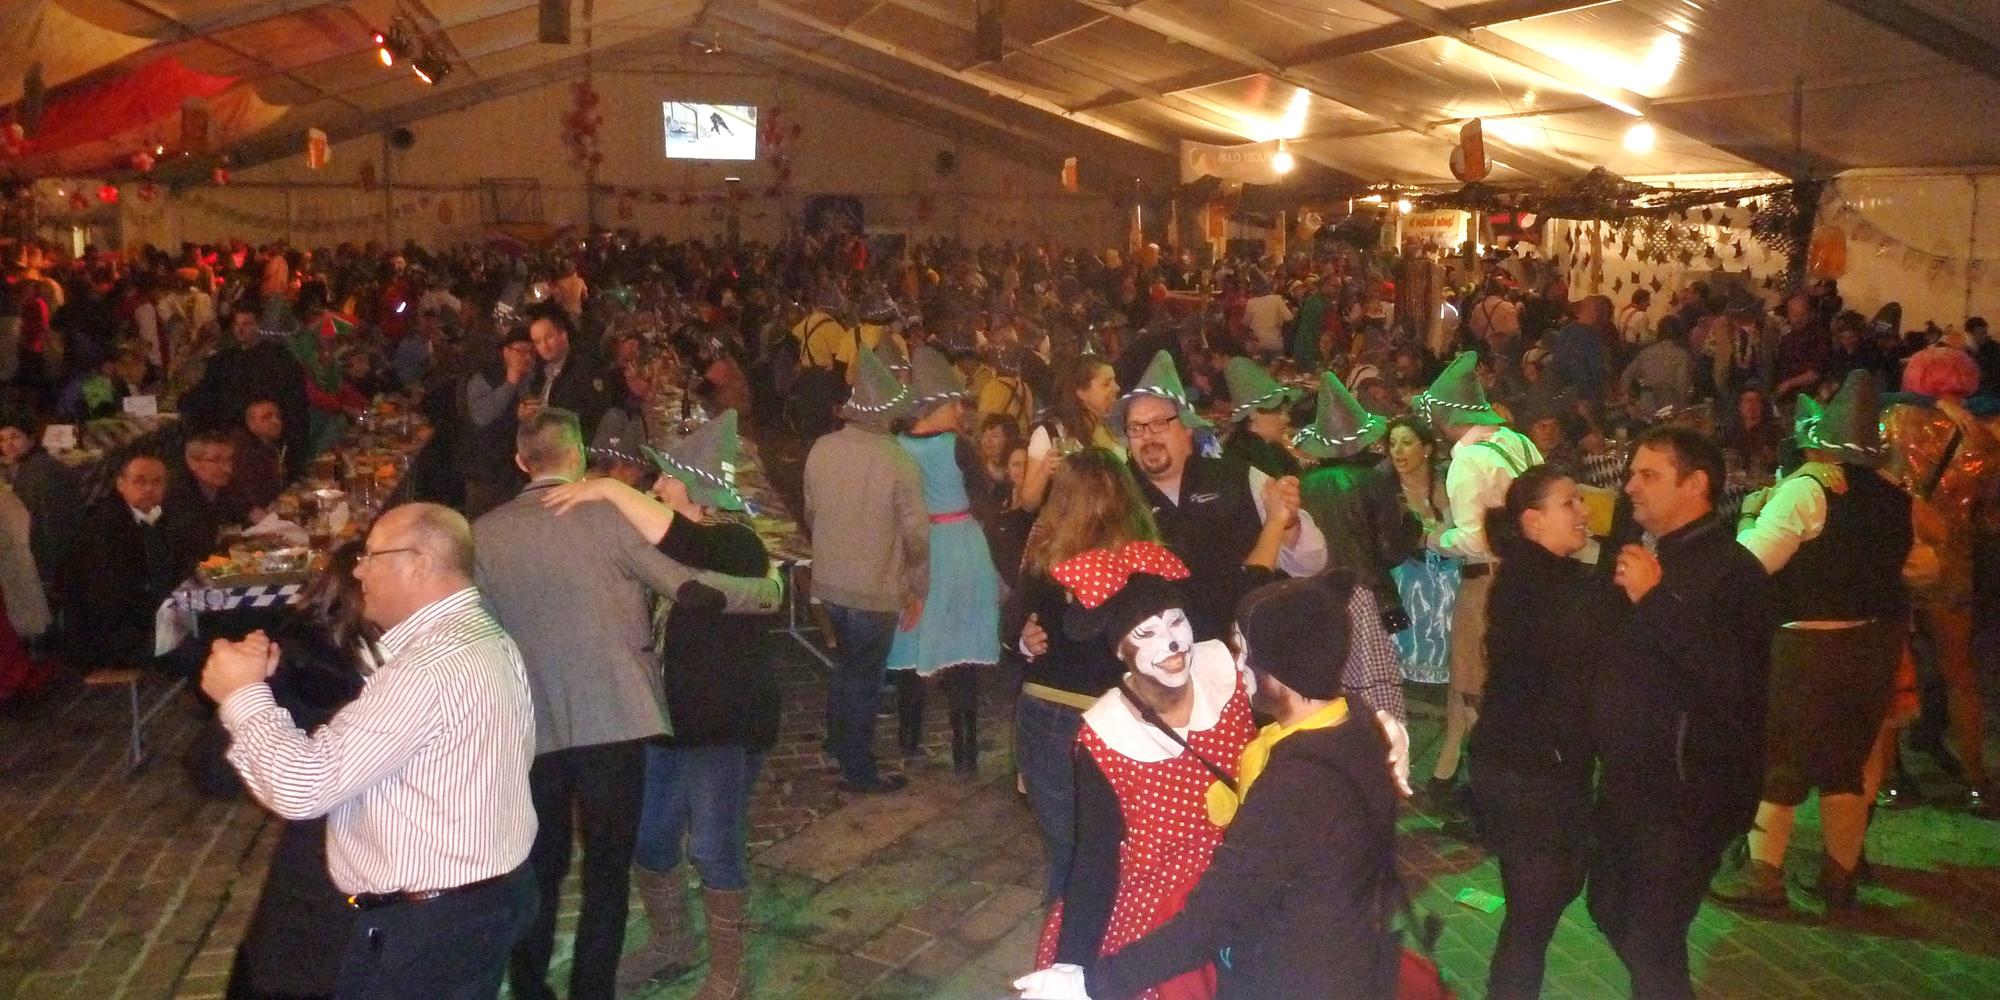 4b Orchestre bavarois à Sion ch, jeudi 12 février 2015 Tente bal du Carnaval